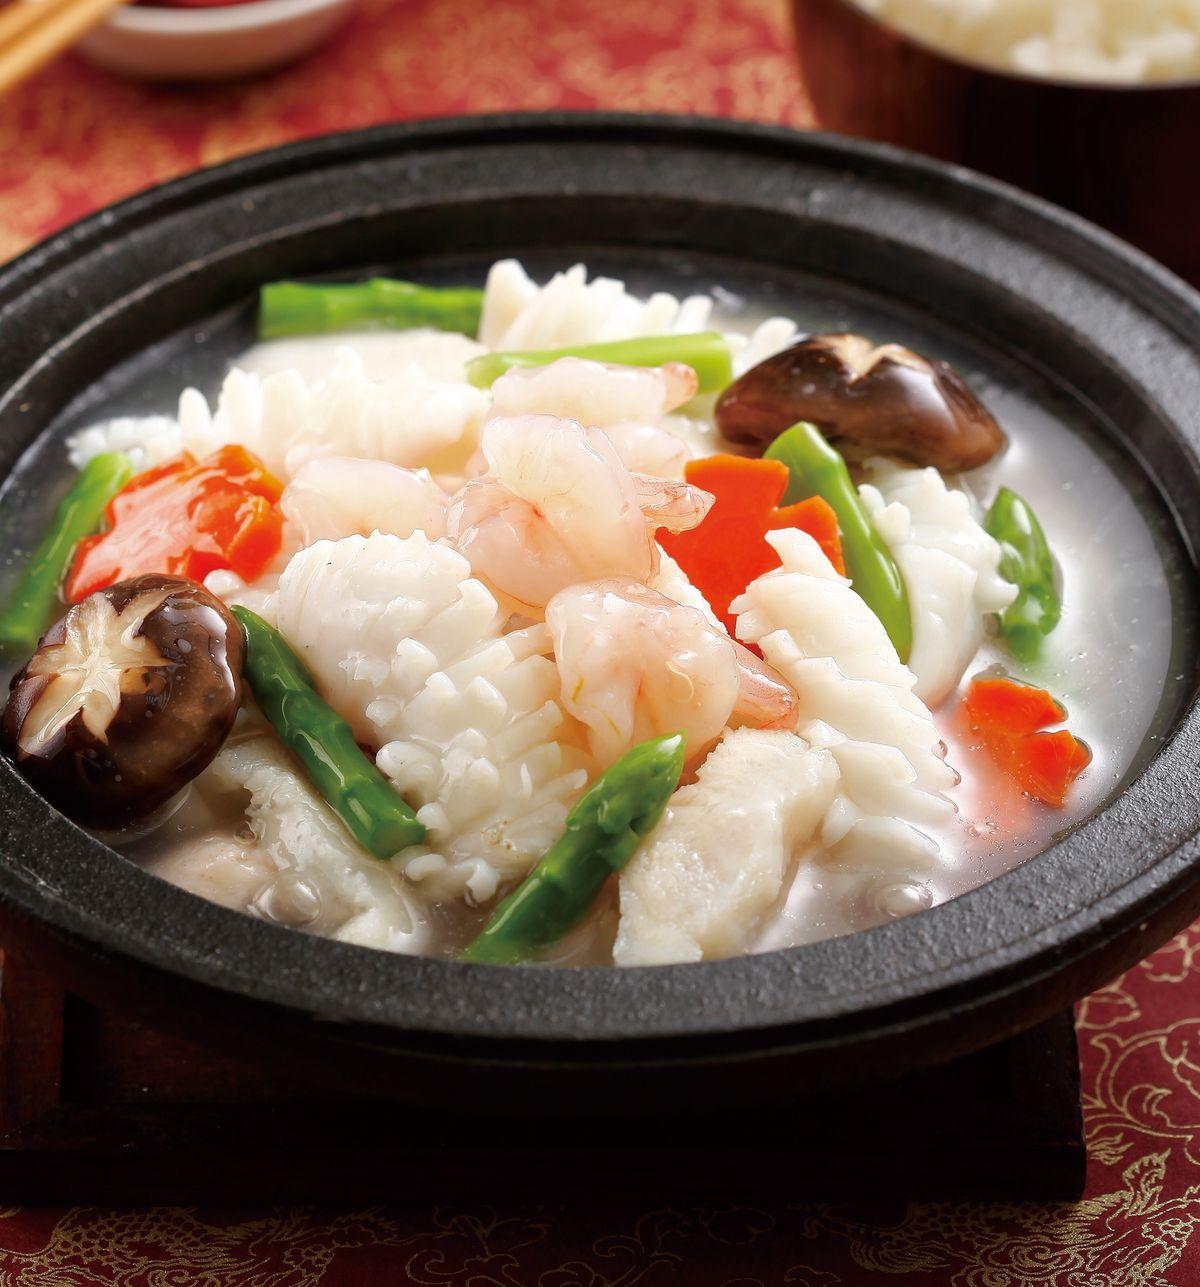 食譜:鮮蔬海鮮煲